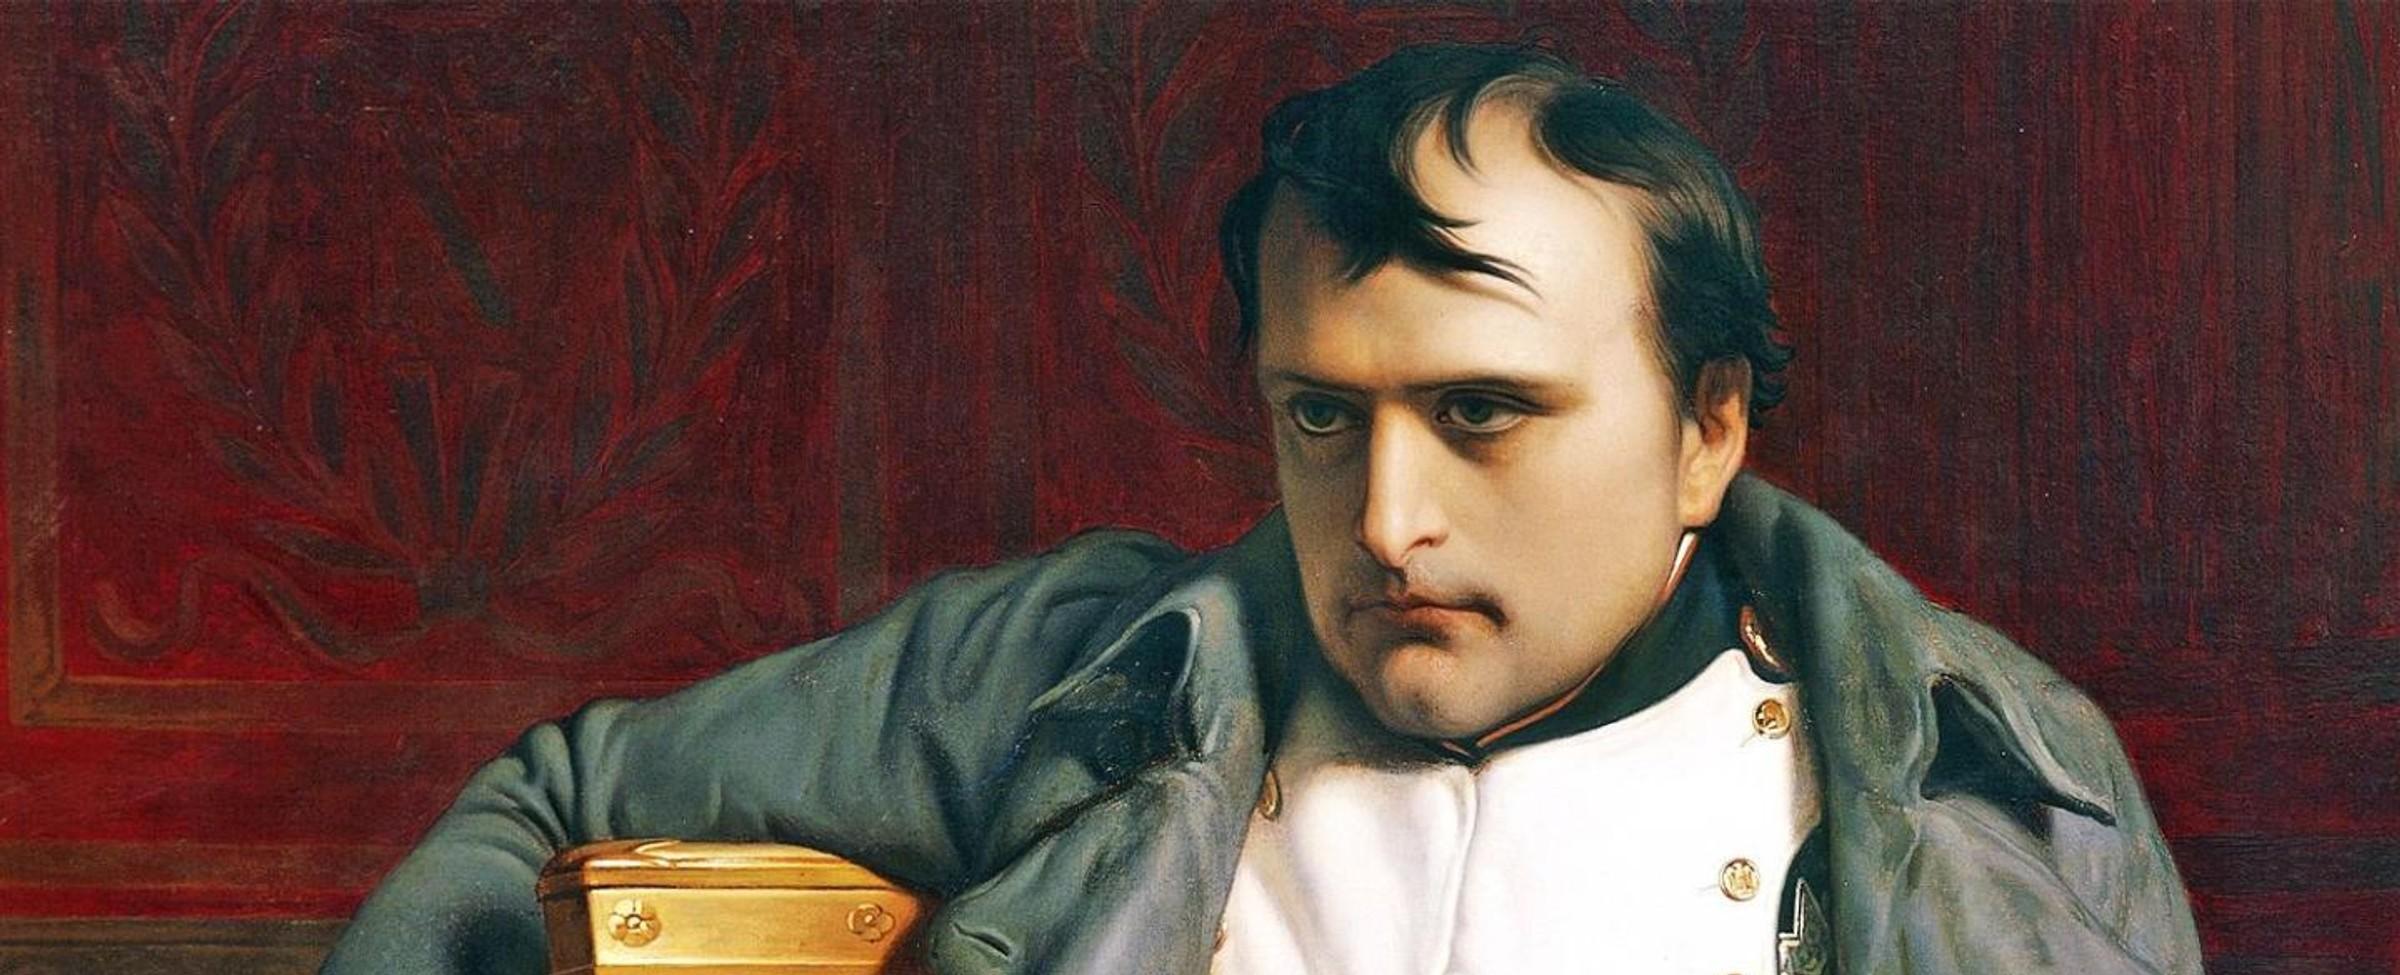 Napoleon - Ďábel a jeho zrádci